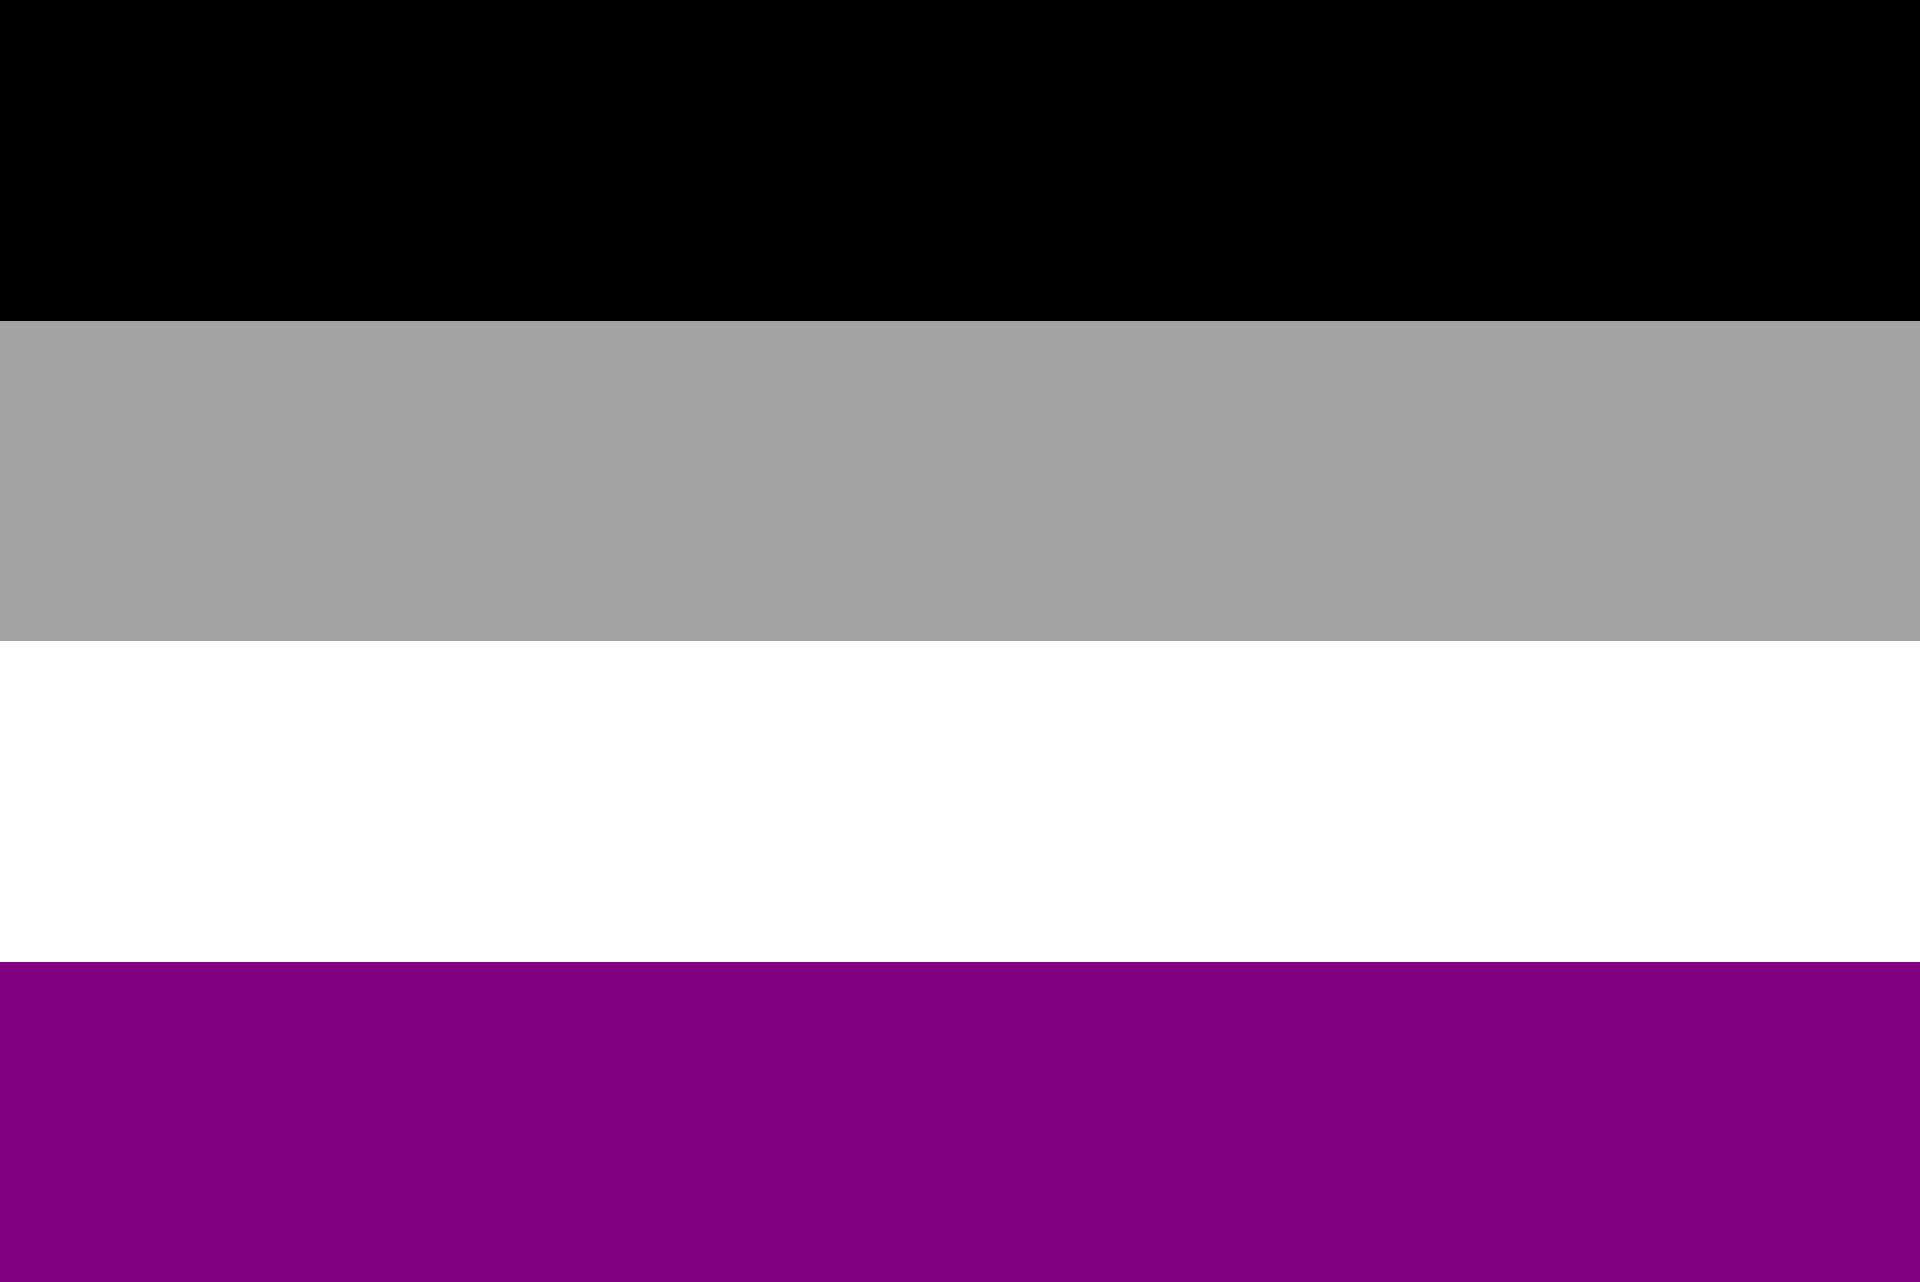 L'asexualité, une orientation sexuelle comme les autres